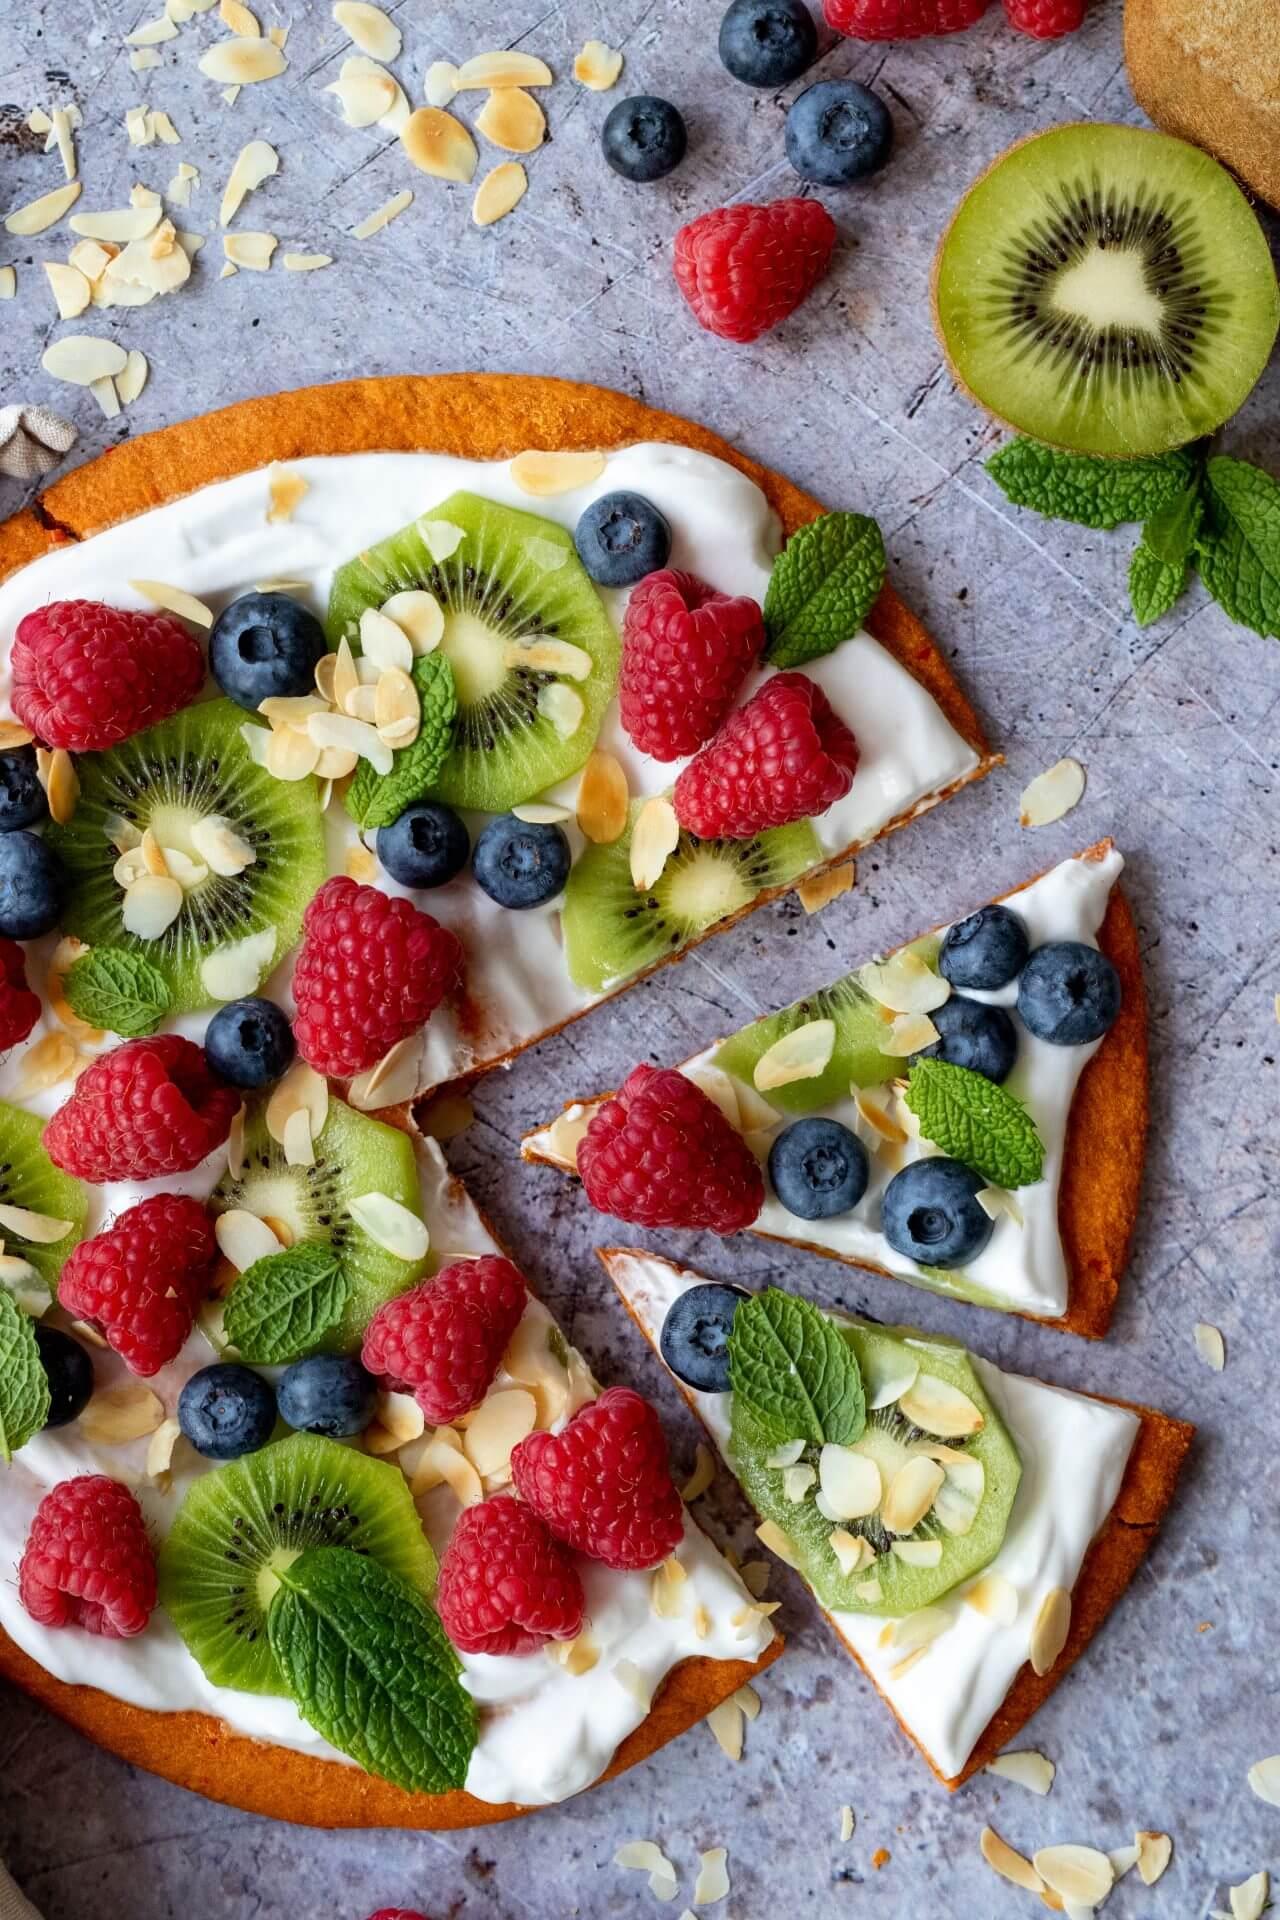 gezonde-ontbijtpizza-met-kiwi-en-frambozen